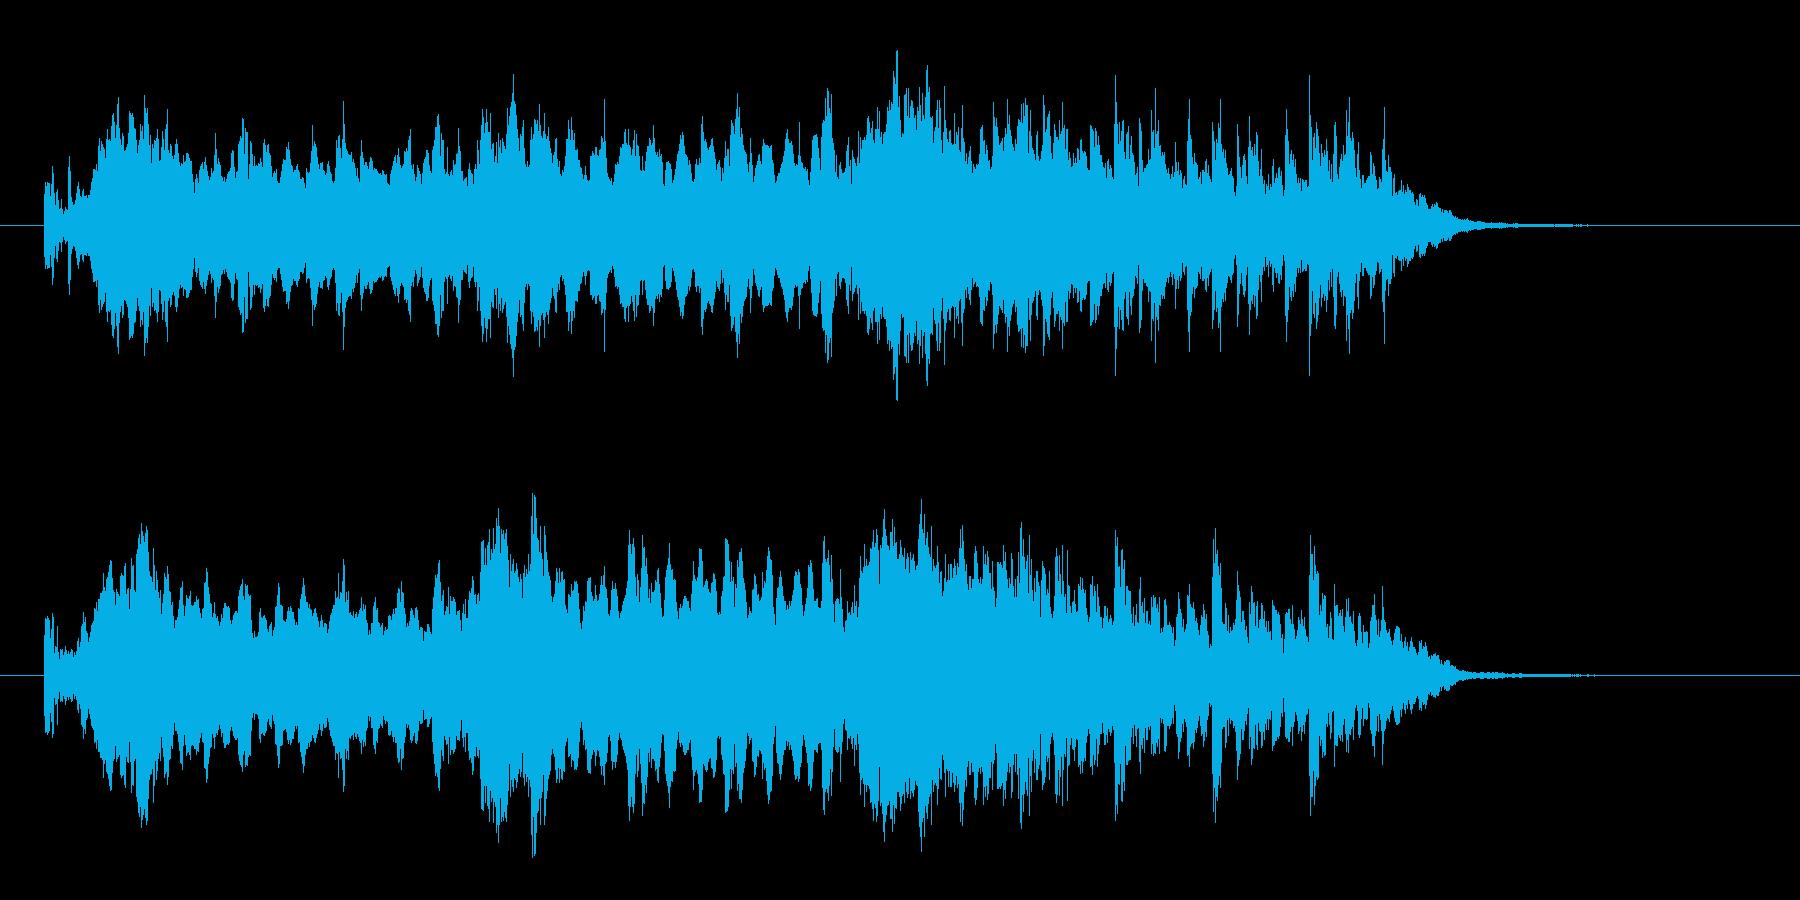 悠長で緩やかなテクノポップジングルの再生済みの波形